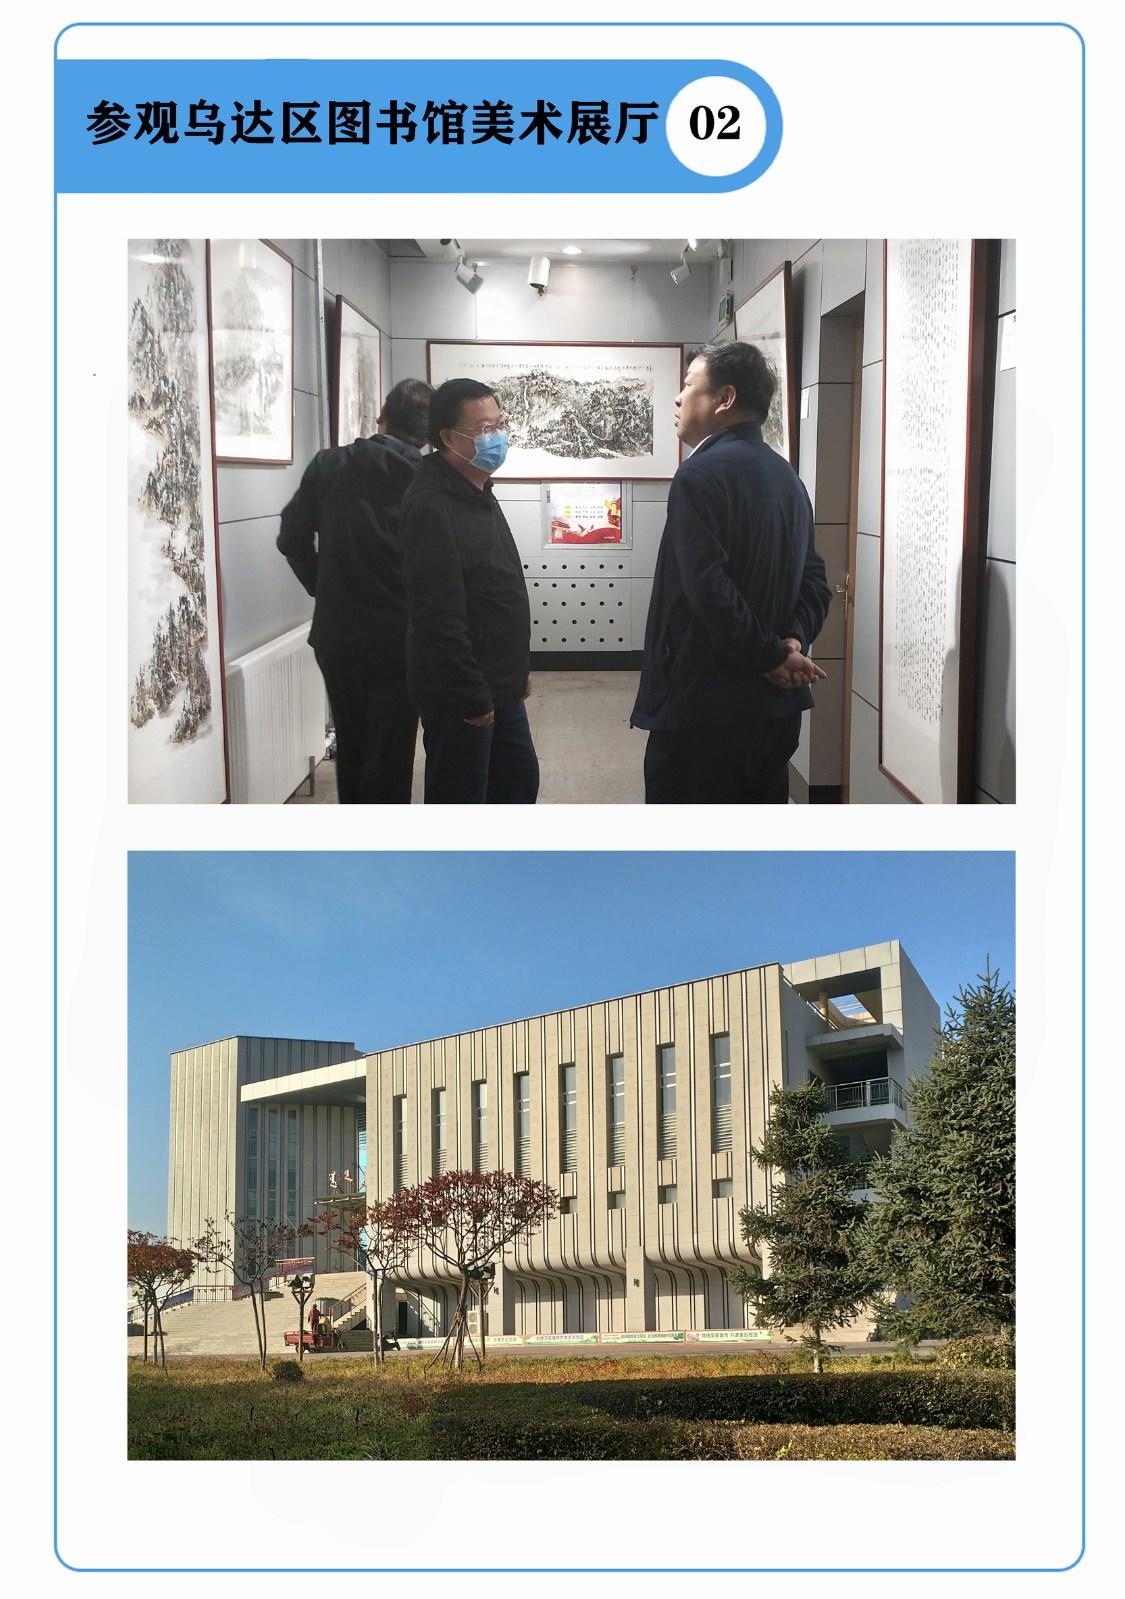 欢迎参观内蒙古乌海市乌达区图书馆_图1-3